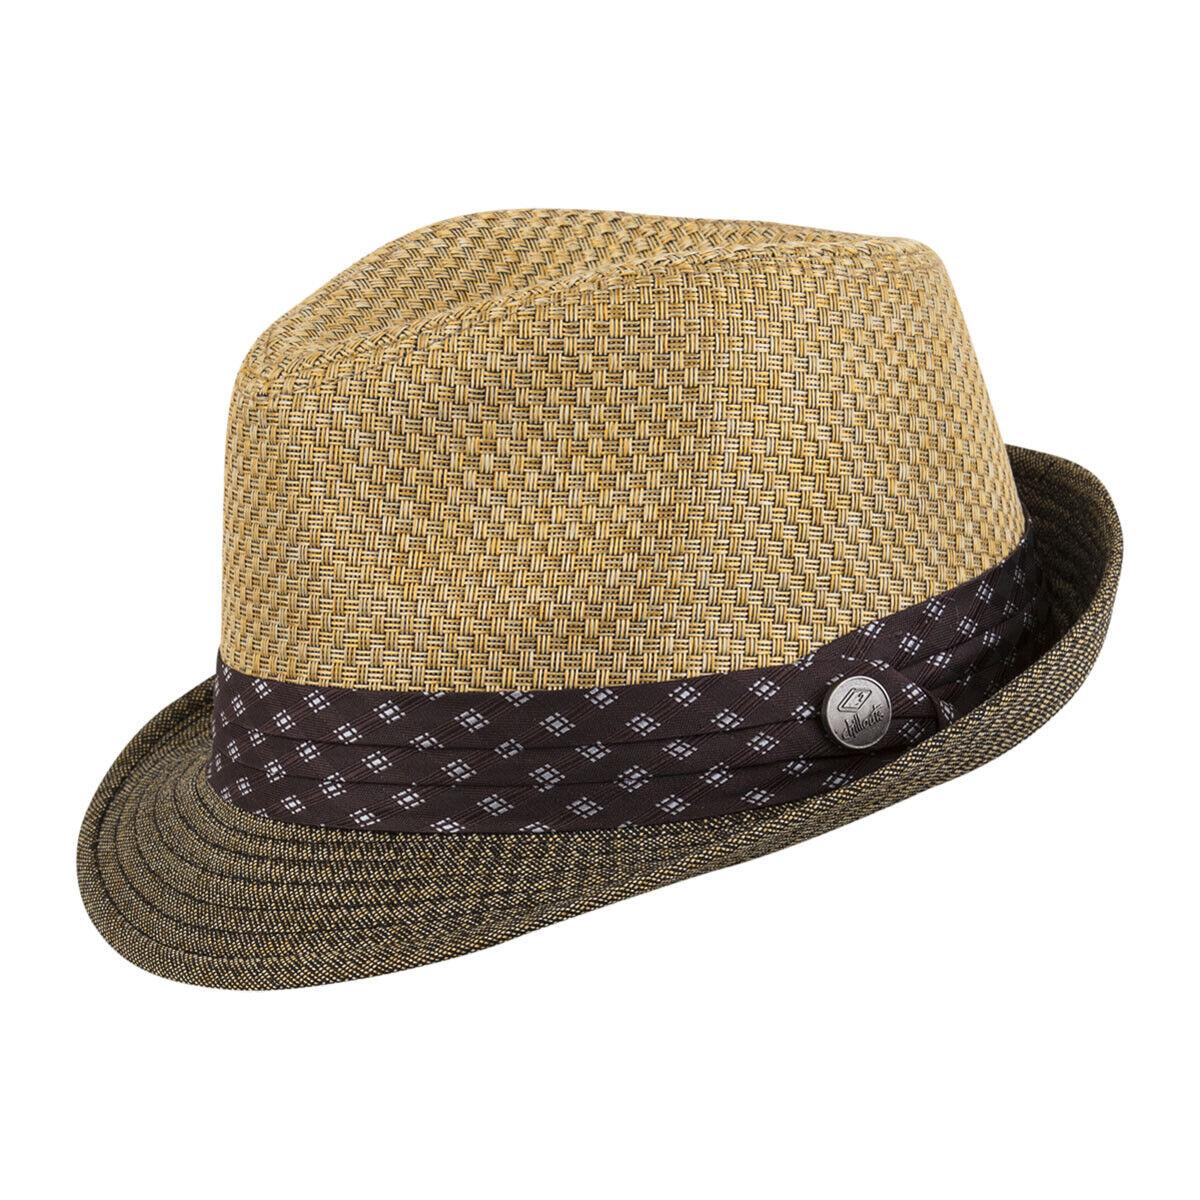 CHILLOUTS Luton Hat in Golden Braun S/M   Herren Hut   Trilby Hut   Sommerhut